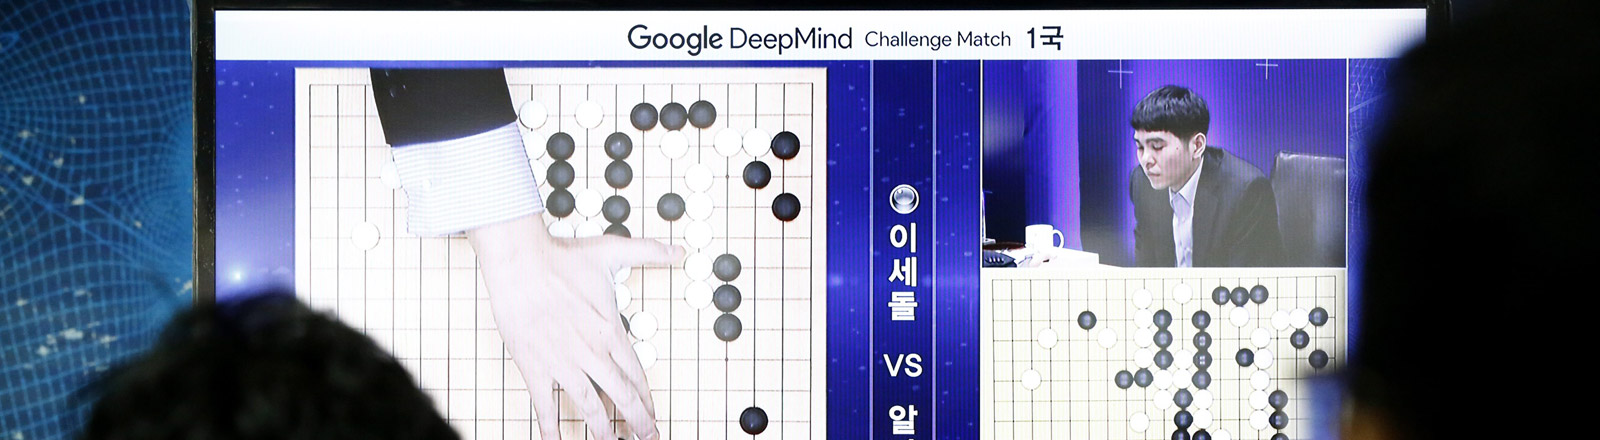 Go-Spiel zwischen Google-Software und Lee Sedol